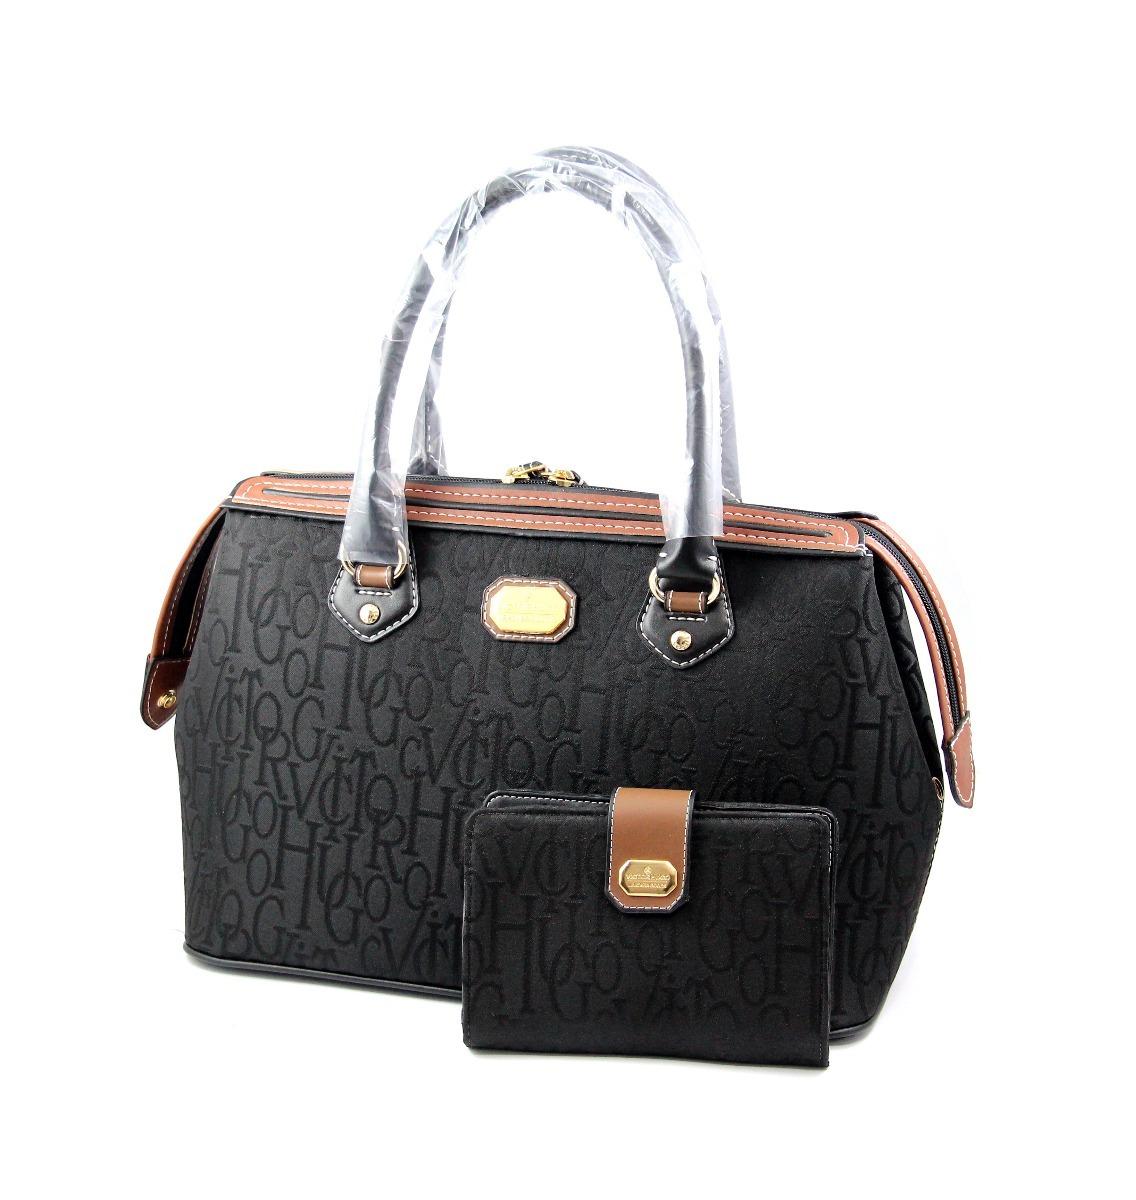 fe65135a1 Bolsa Promocao Dia Das Maes Grace Victor Hugo Vh + Carteira - R$ 540 ...